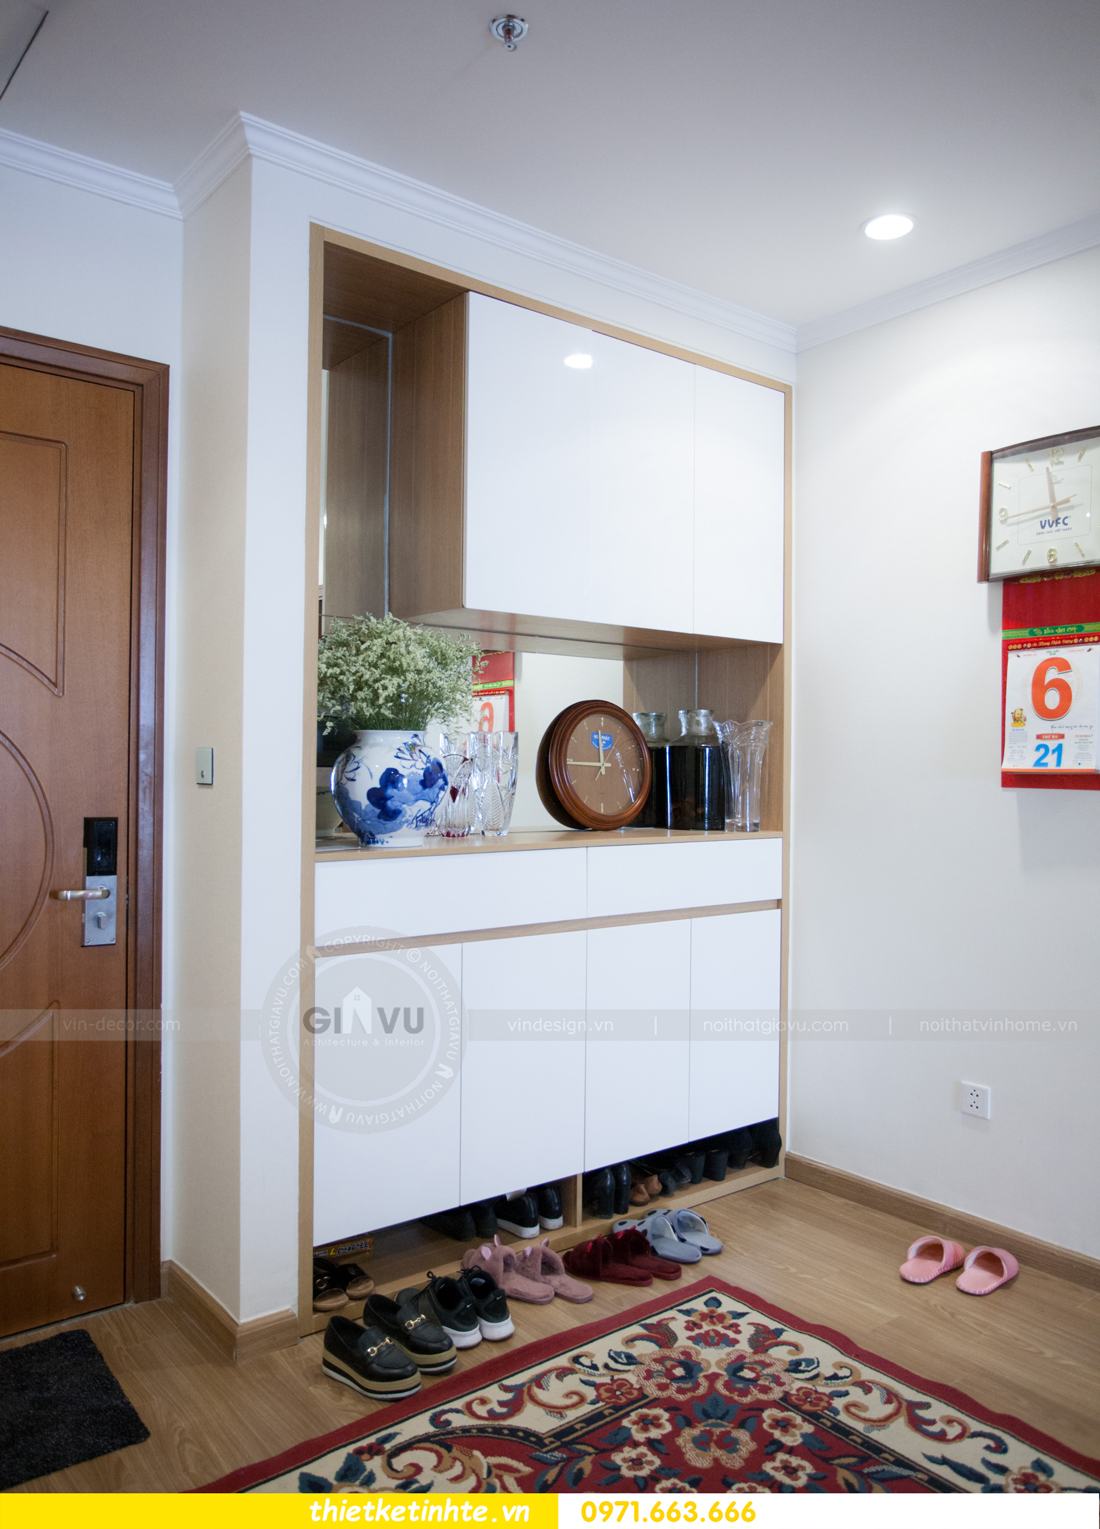 thiết kế tinh tế đơn vị thiết kế thi công nội thất hàng đầu 09